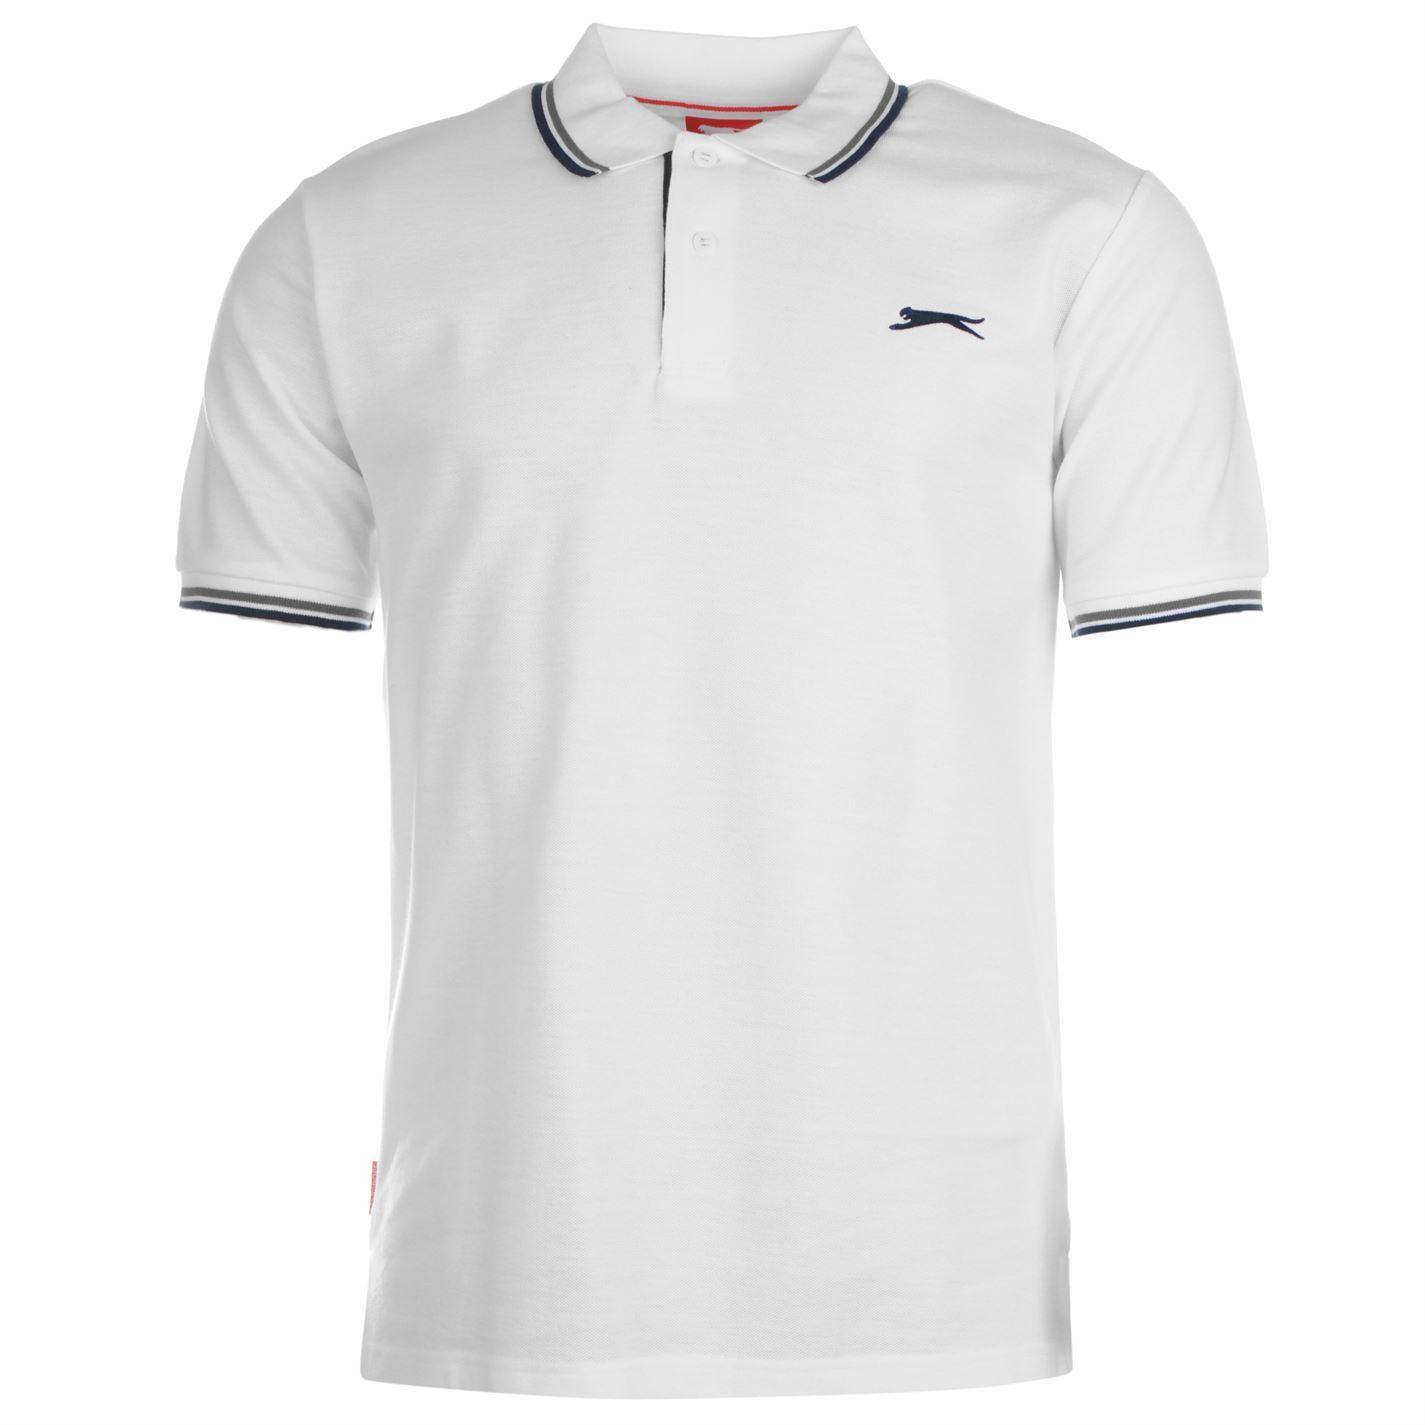 Slazenger-Polo-Camisa-de-hombre-con-cuello-con-Punta-T-Shirt-Top-Camiseta-Tee miniatura 78